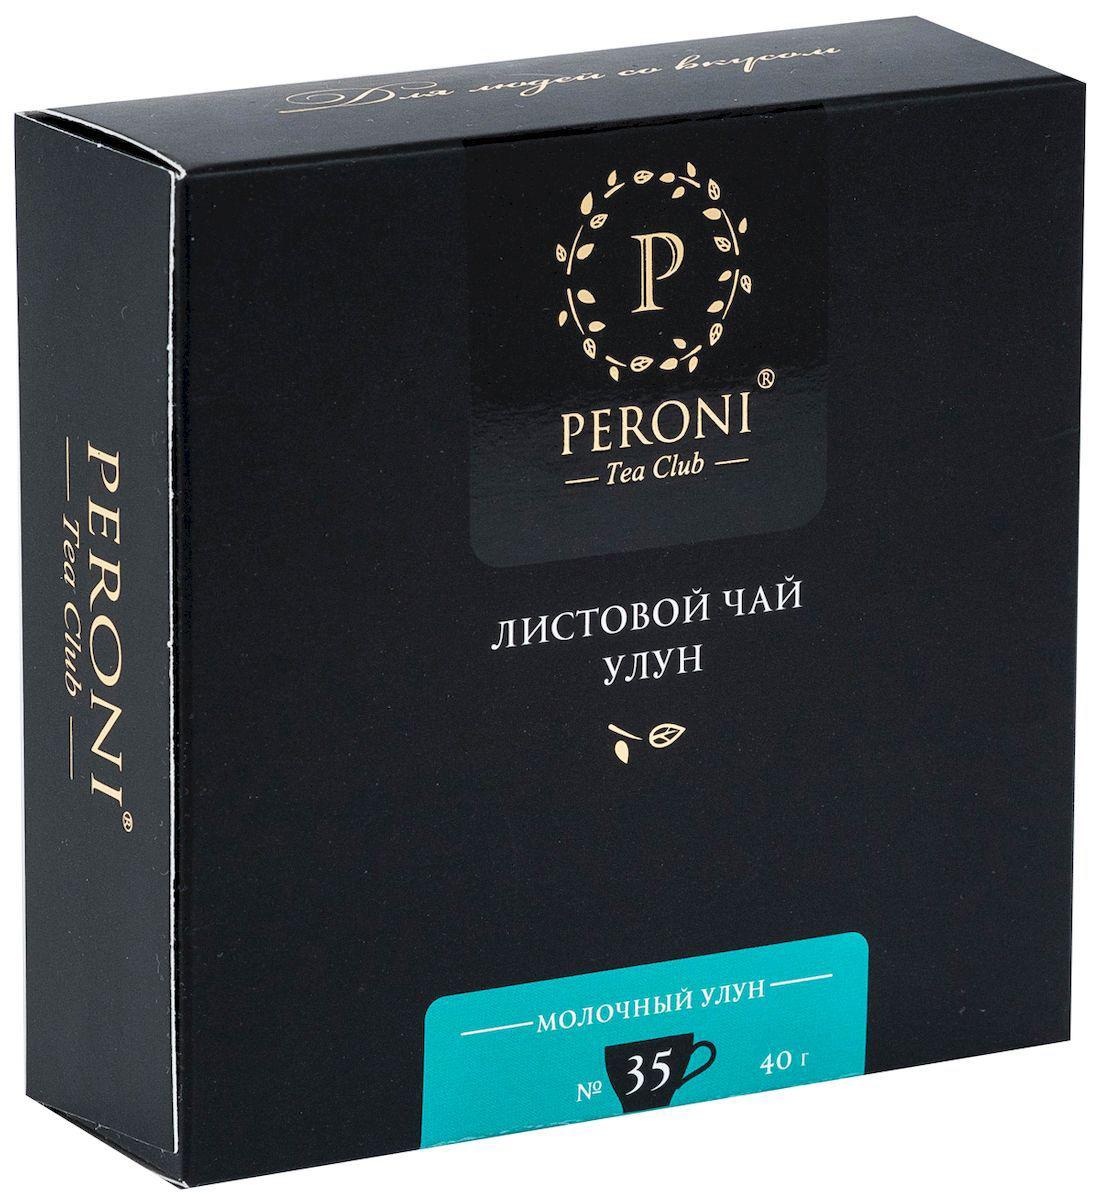 Peroni Молочный улун зеленый листовой чай, 40 г новогодний набор rose романтика и страсть макси peroni